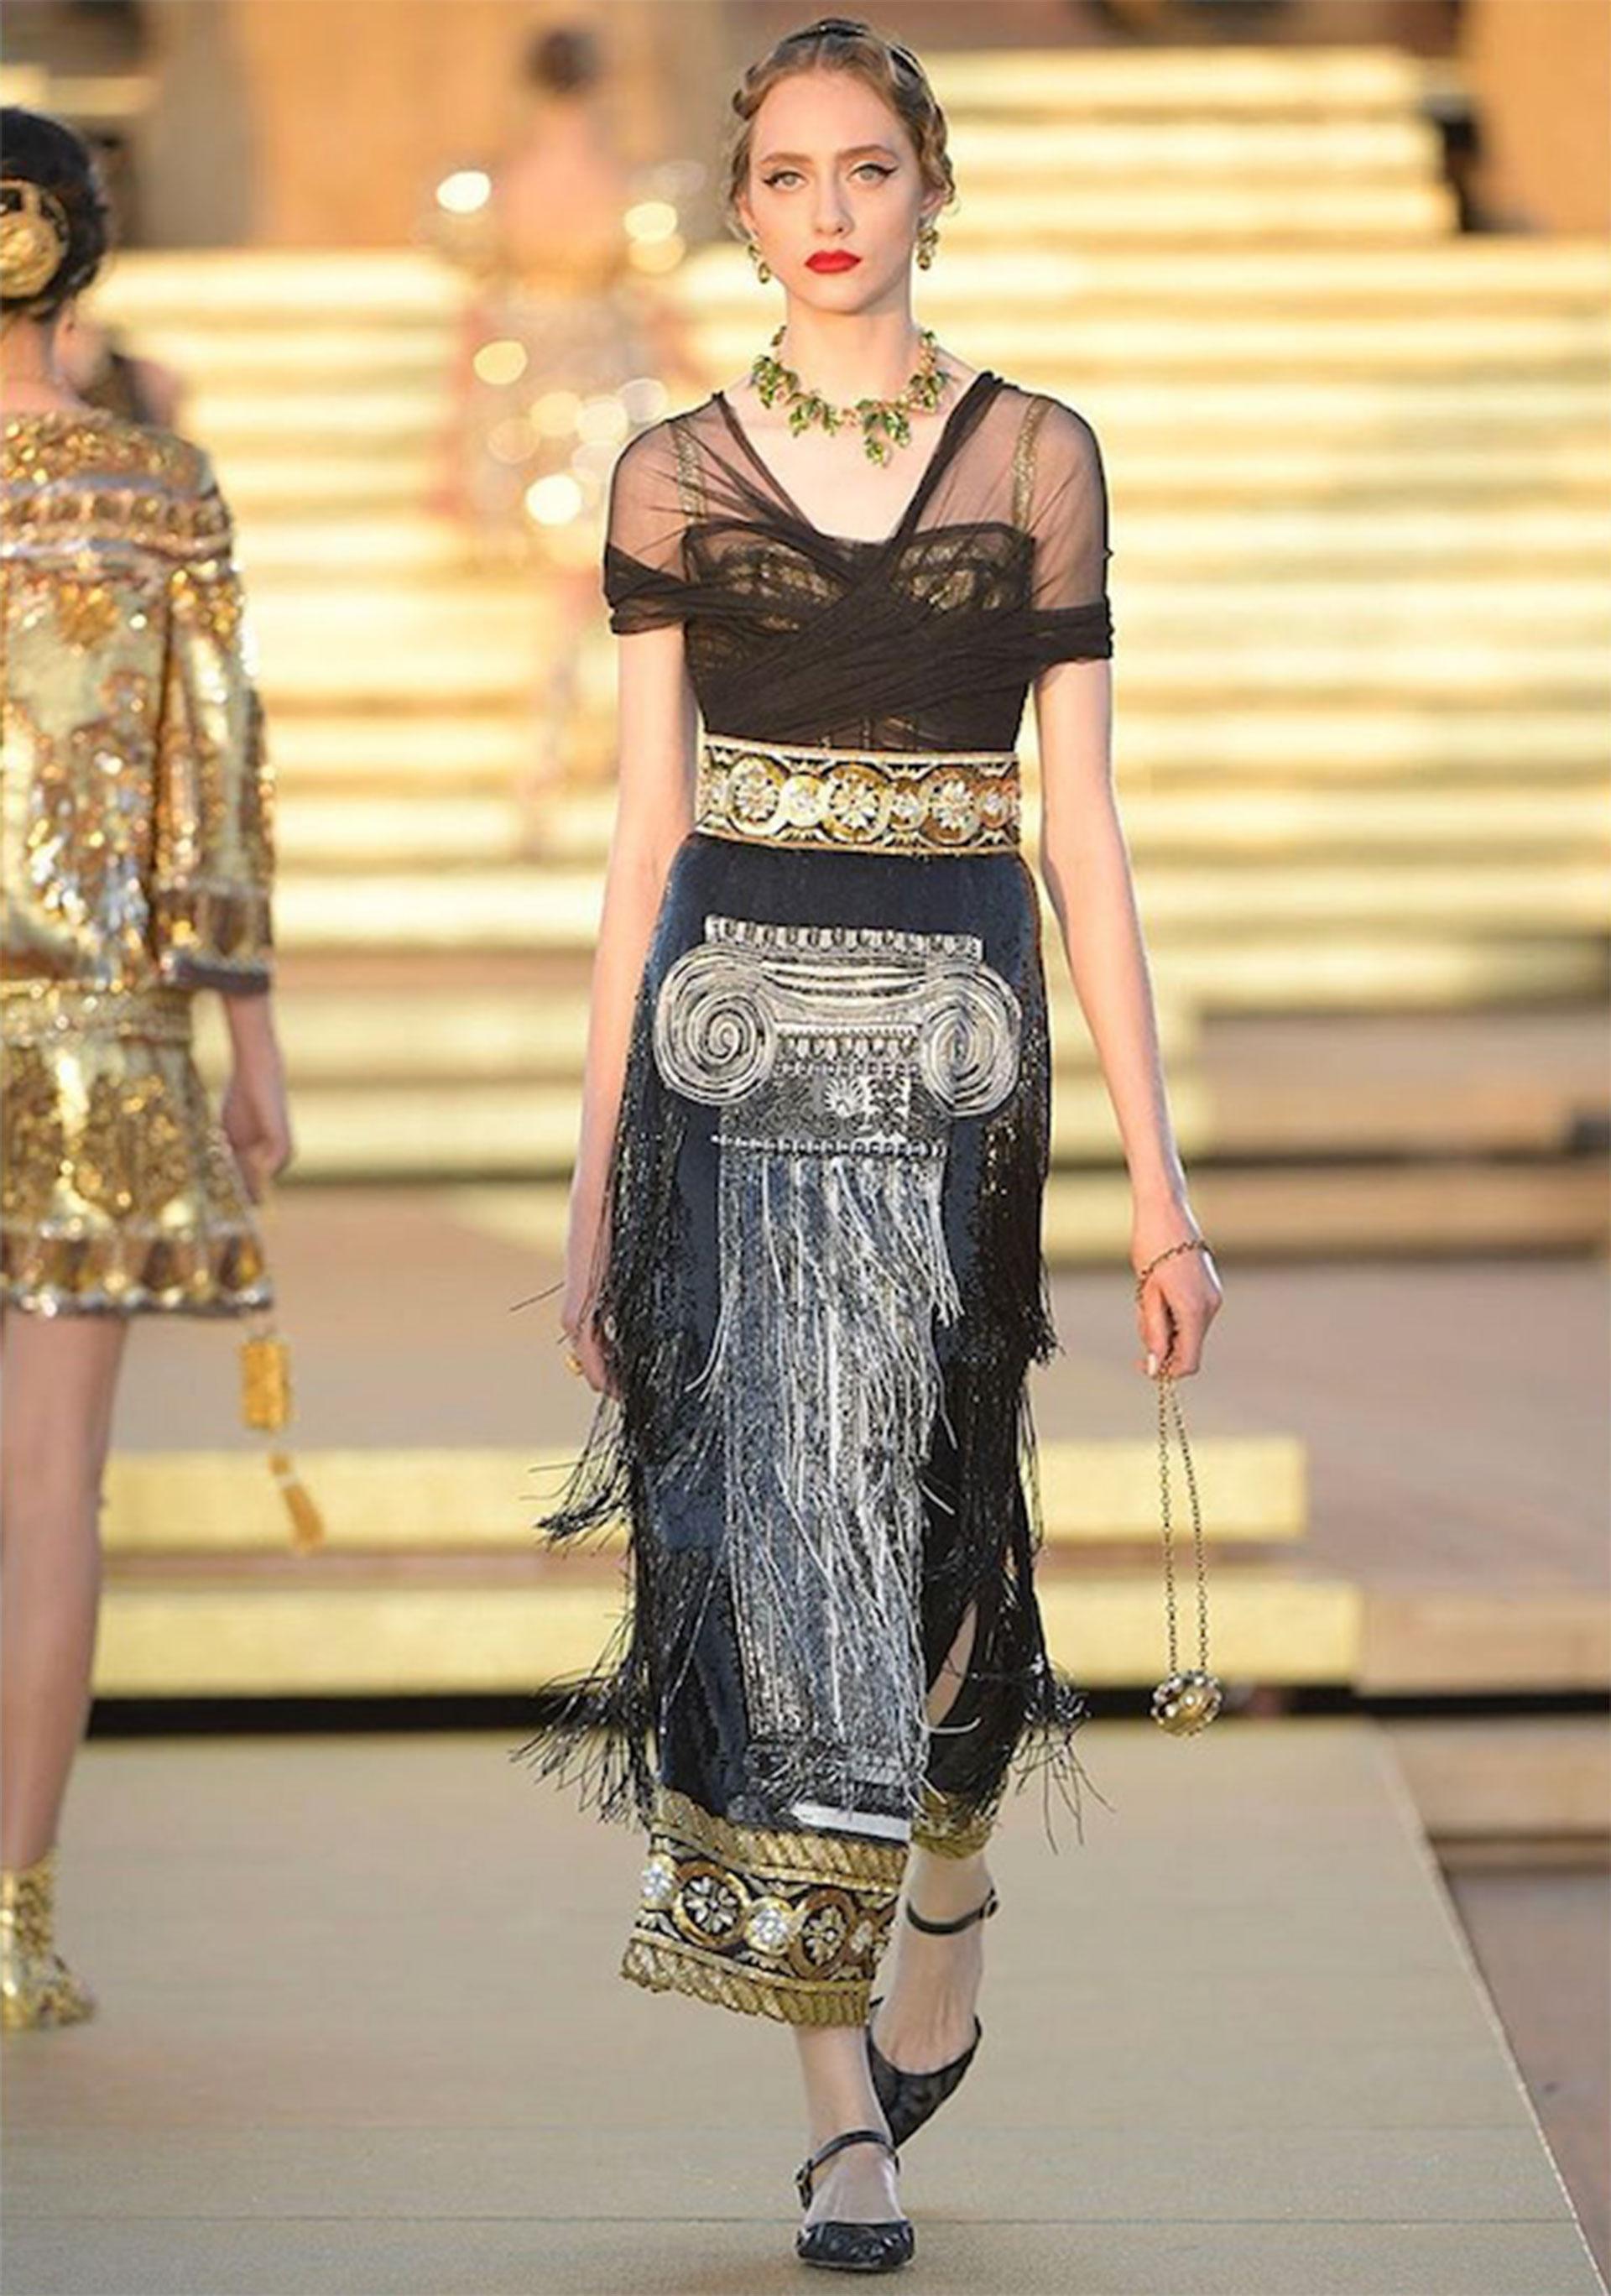 Falda de georgette con aberturas bordadas con lentejuelas. El corsé está cubierto de tul de seda.